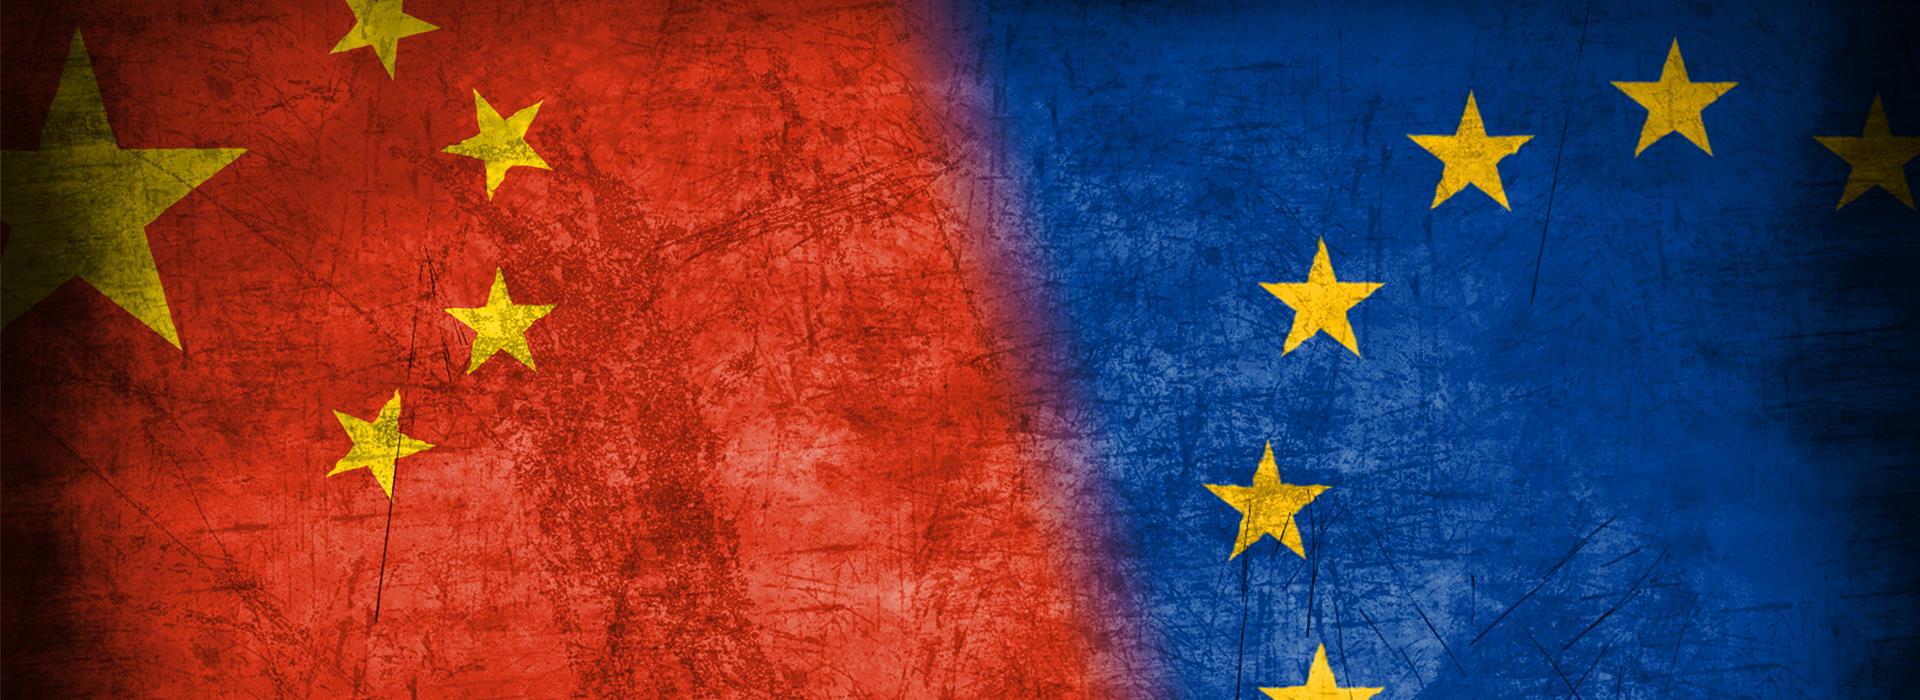 李克強訪中東歐 德國:歐洲將被中國分化